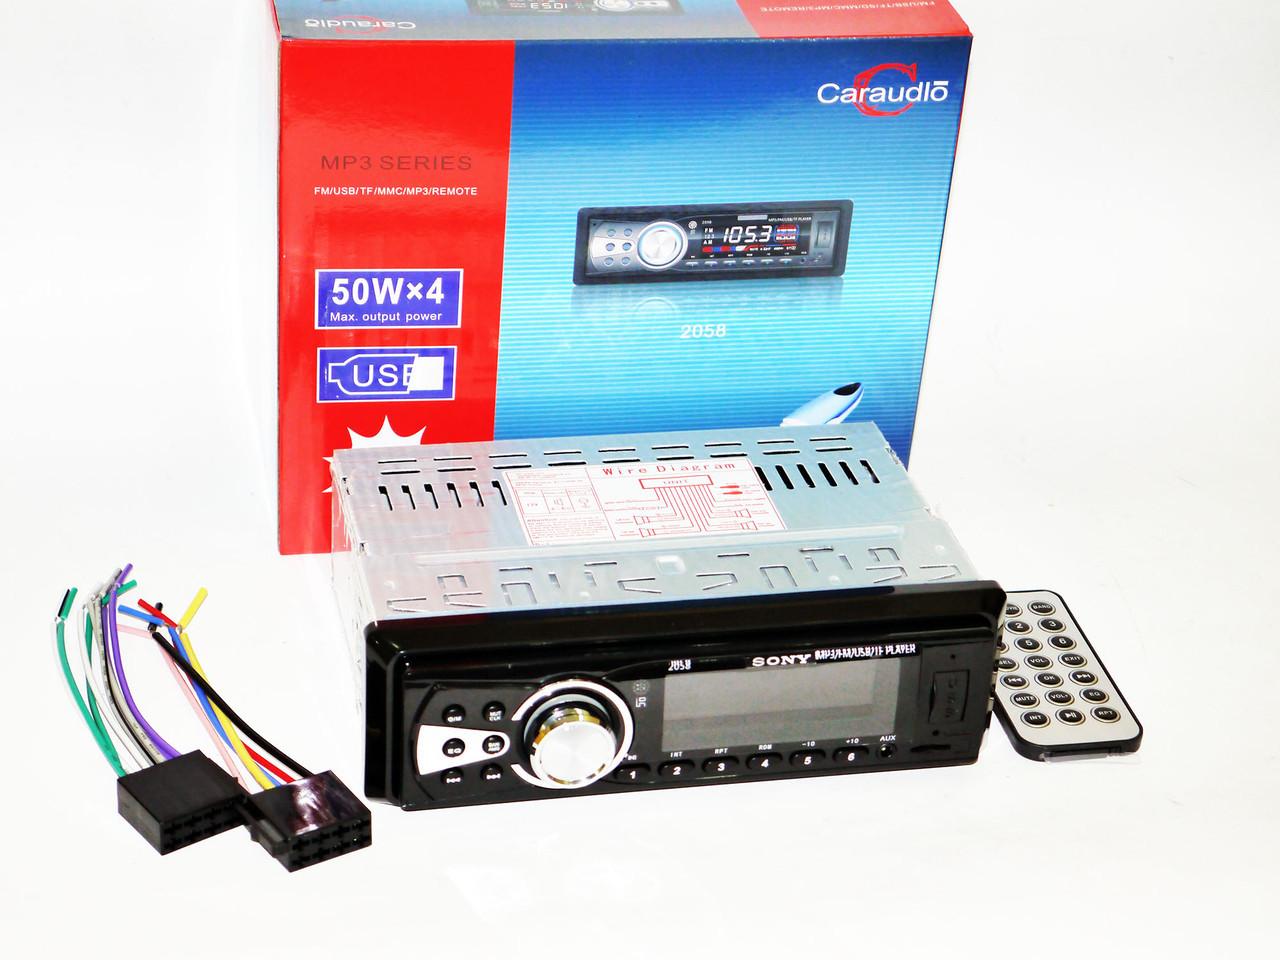 Автомагнітола Sony 2058 Usb+Sd+Fm+Aux+ пульт (4x50W)